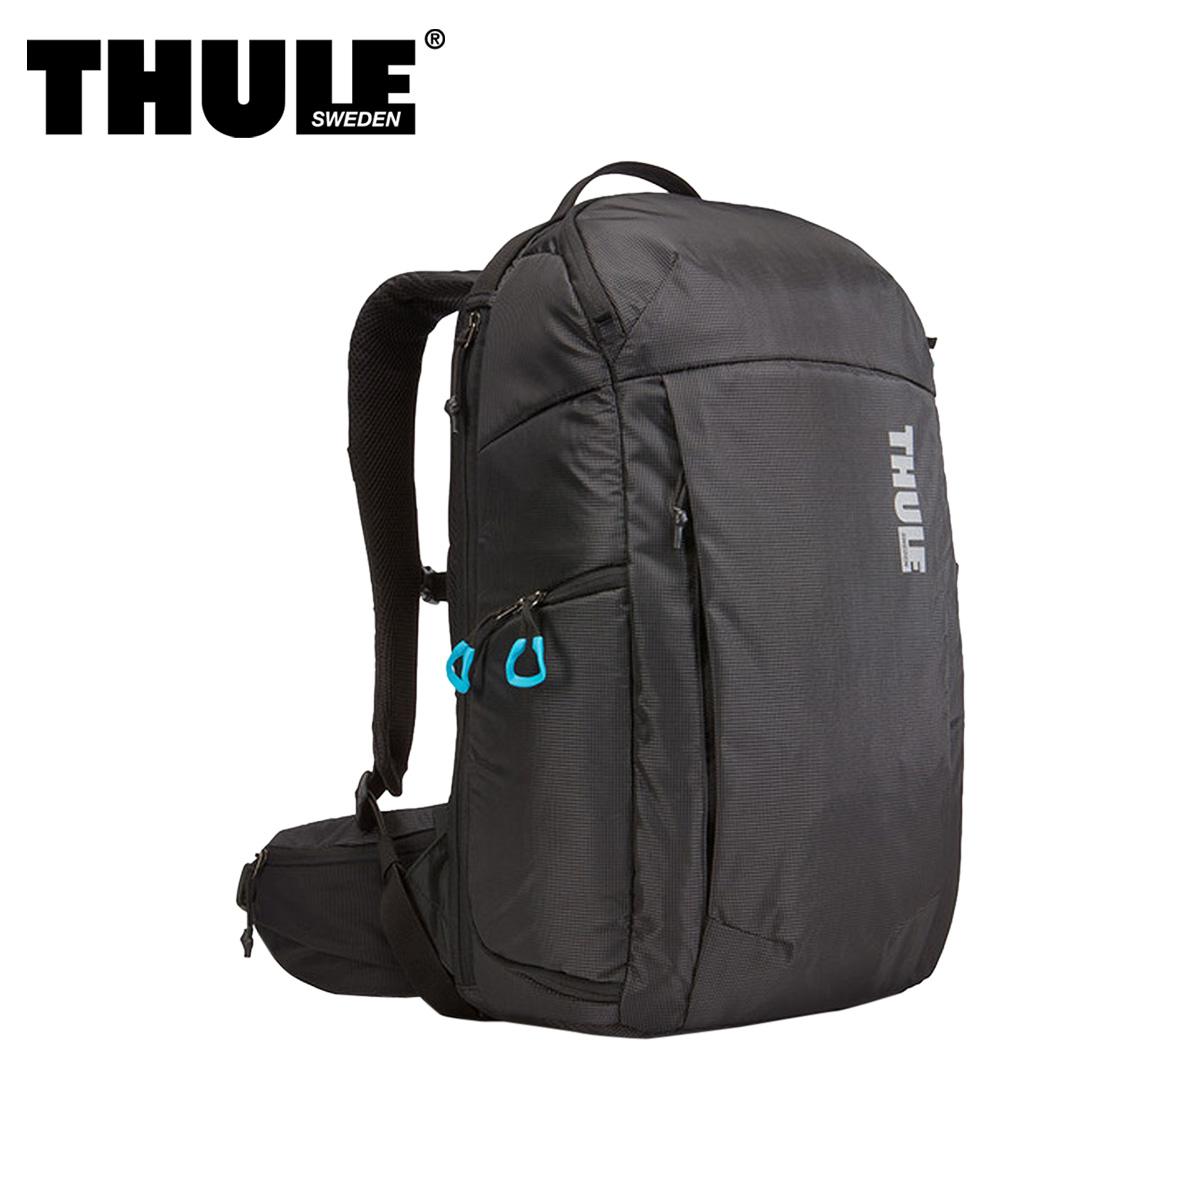 【送料無料】 【あす楽対応】 スーリー THULE アスペクト カメラバッグ バックパック カバン 鞄 THULE スーリー リュック バッグ バックパック アスペクト メンズ レディース ASPECT DSLR BACKPACK ブラック 黒 3203410